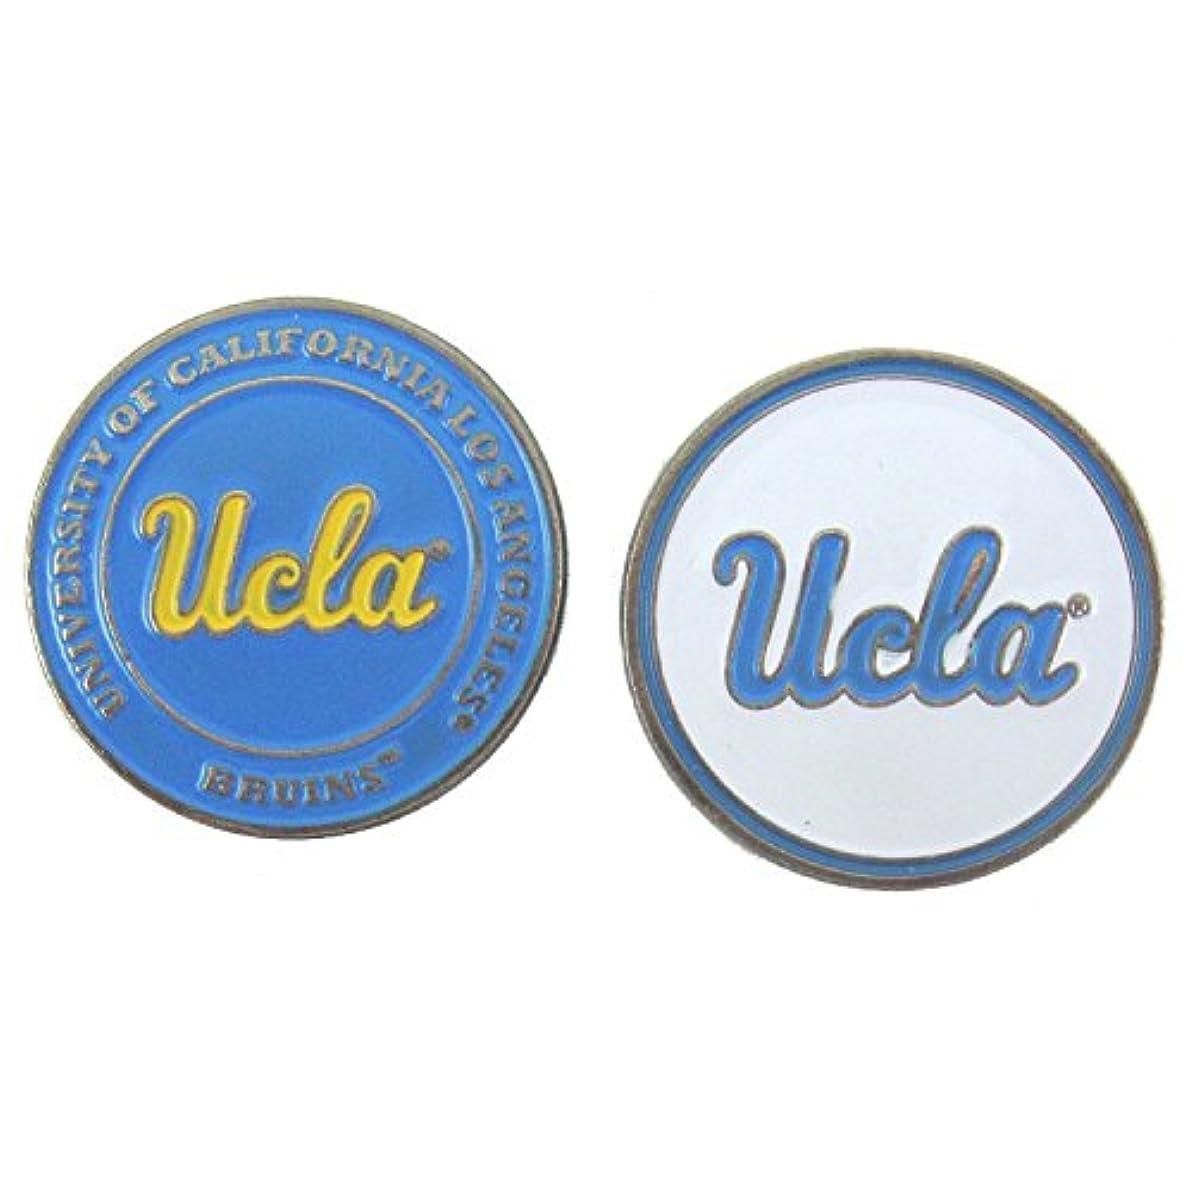 どきどき欲求不満テレビ局UCLA Bruins両面ゴルフボールマーカー